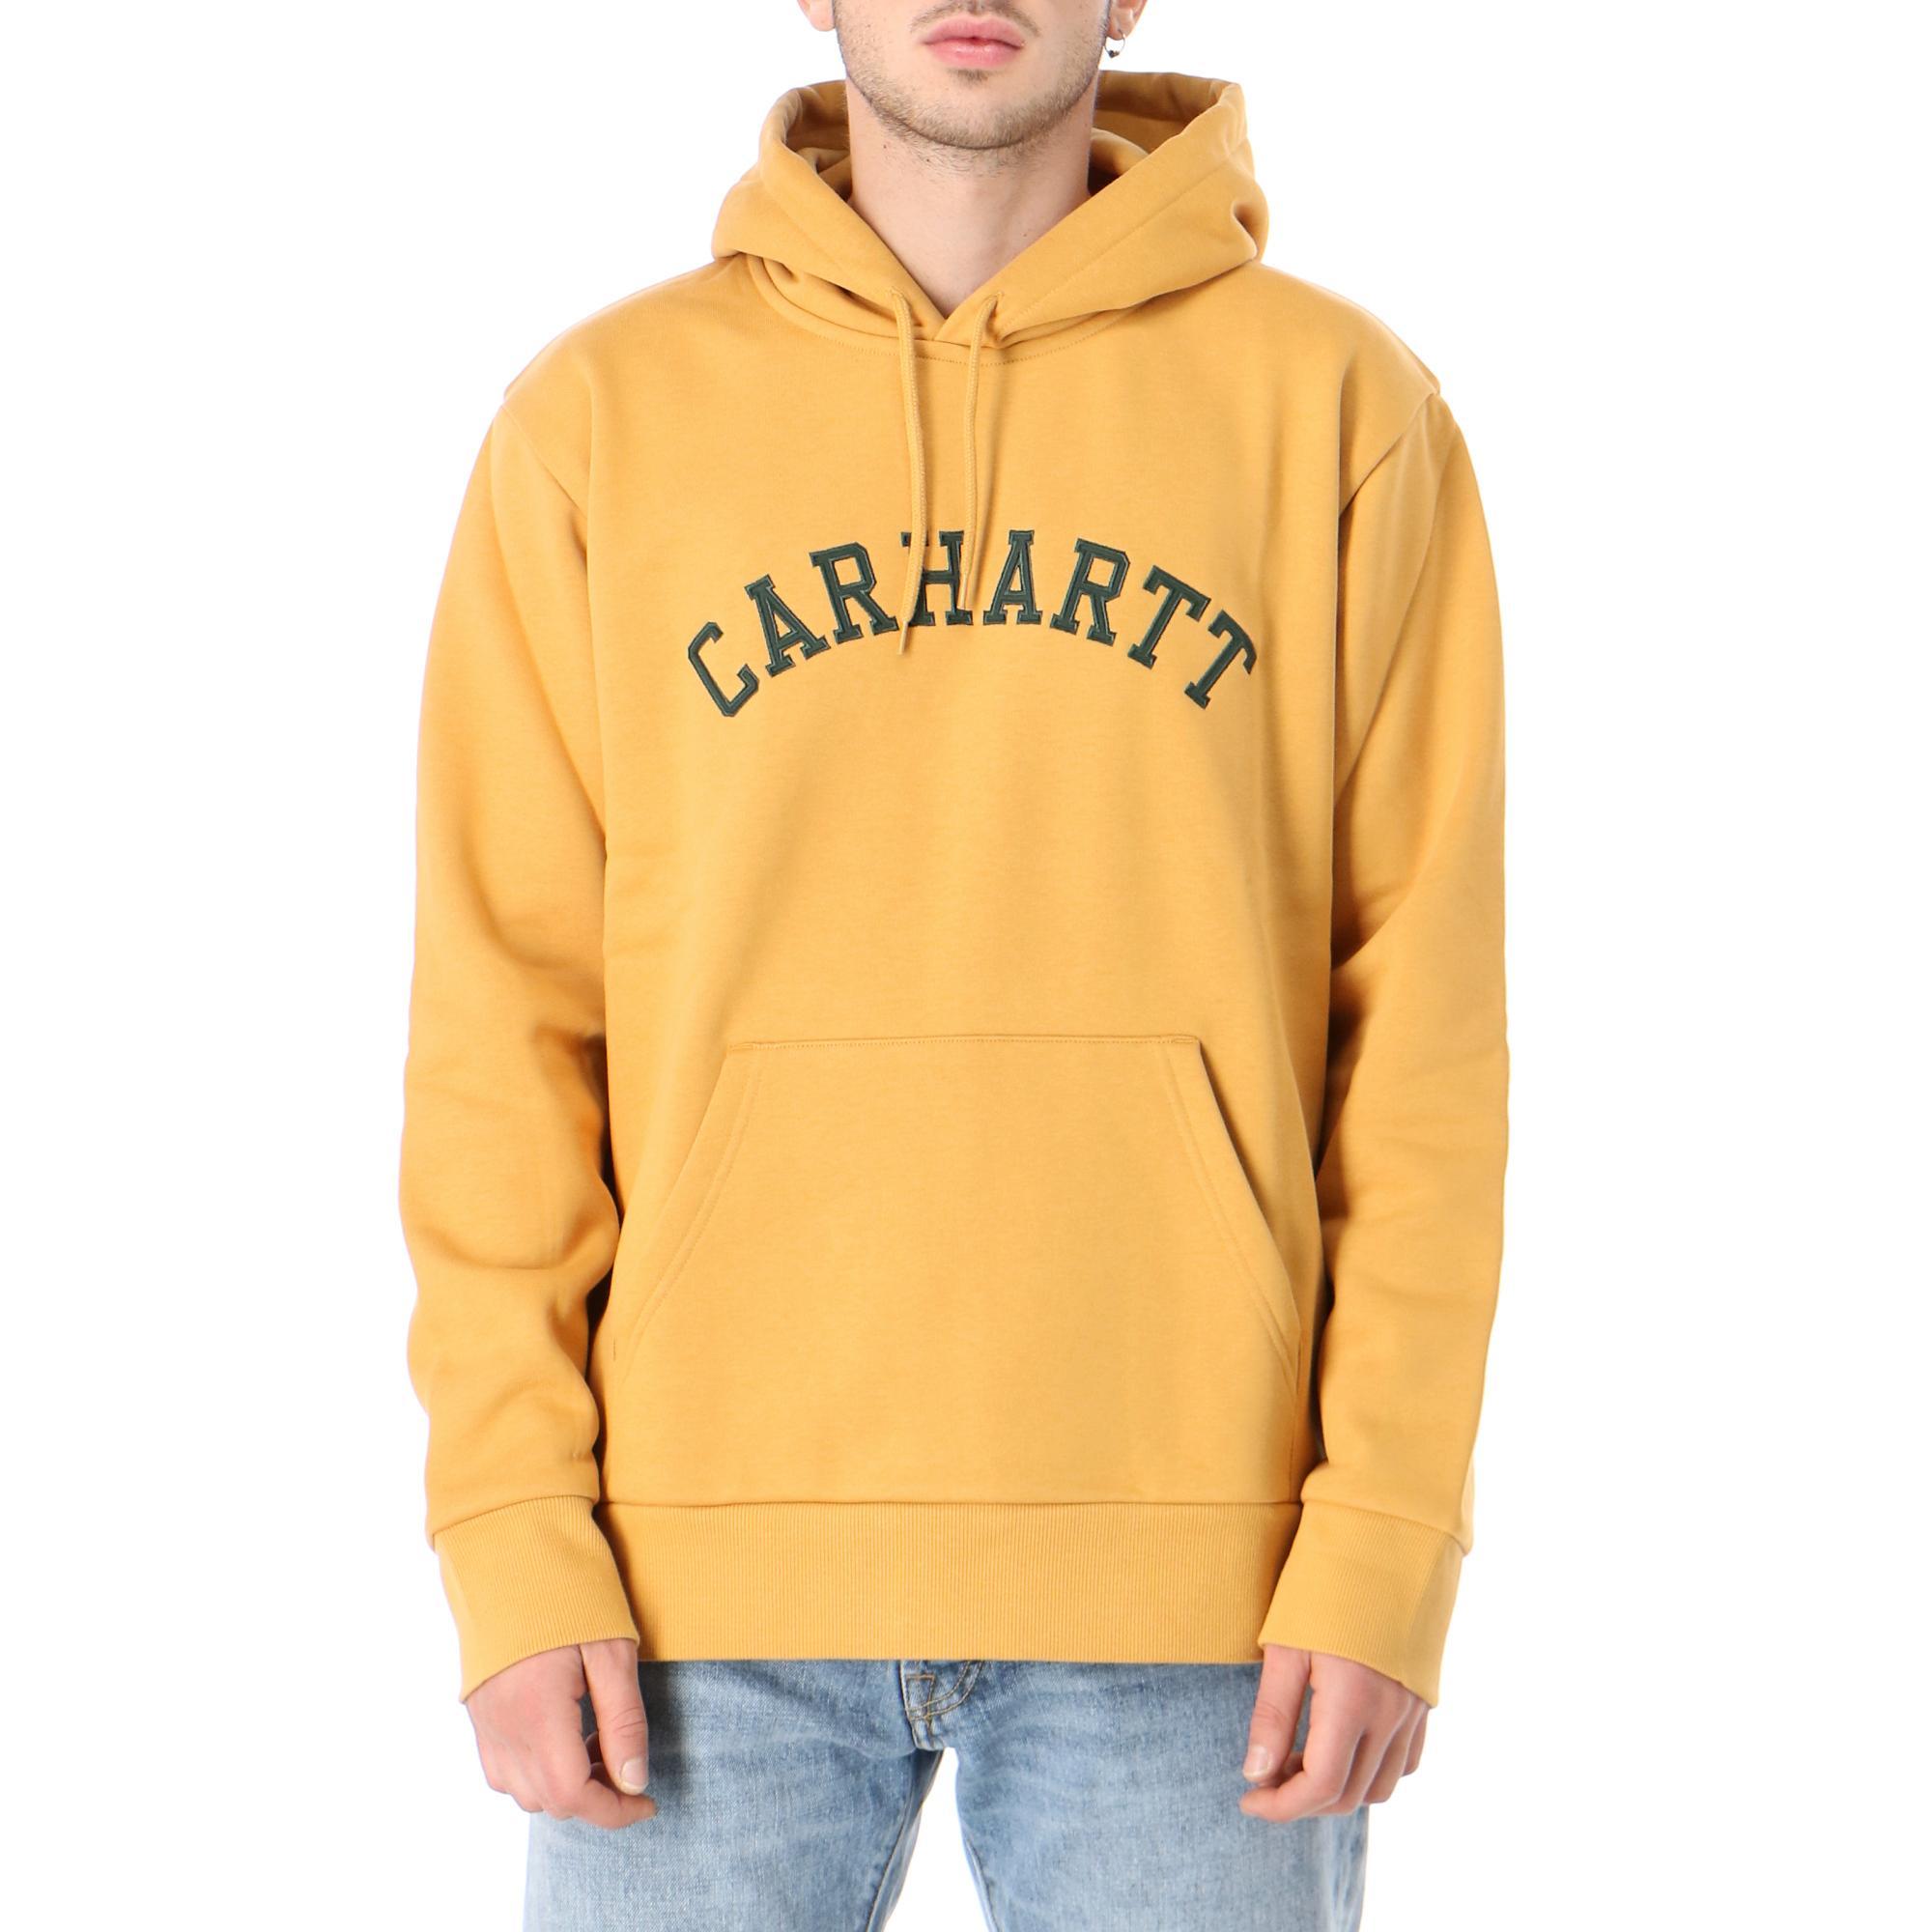 Carhartt Hooded Univeristy Patch Sweatshirt Winter sun bottle green